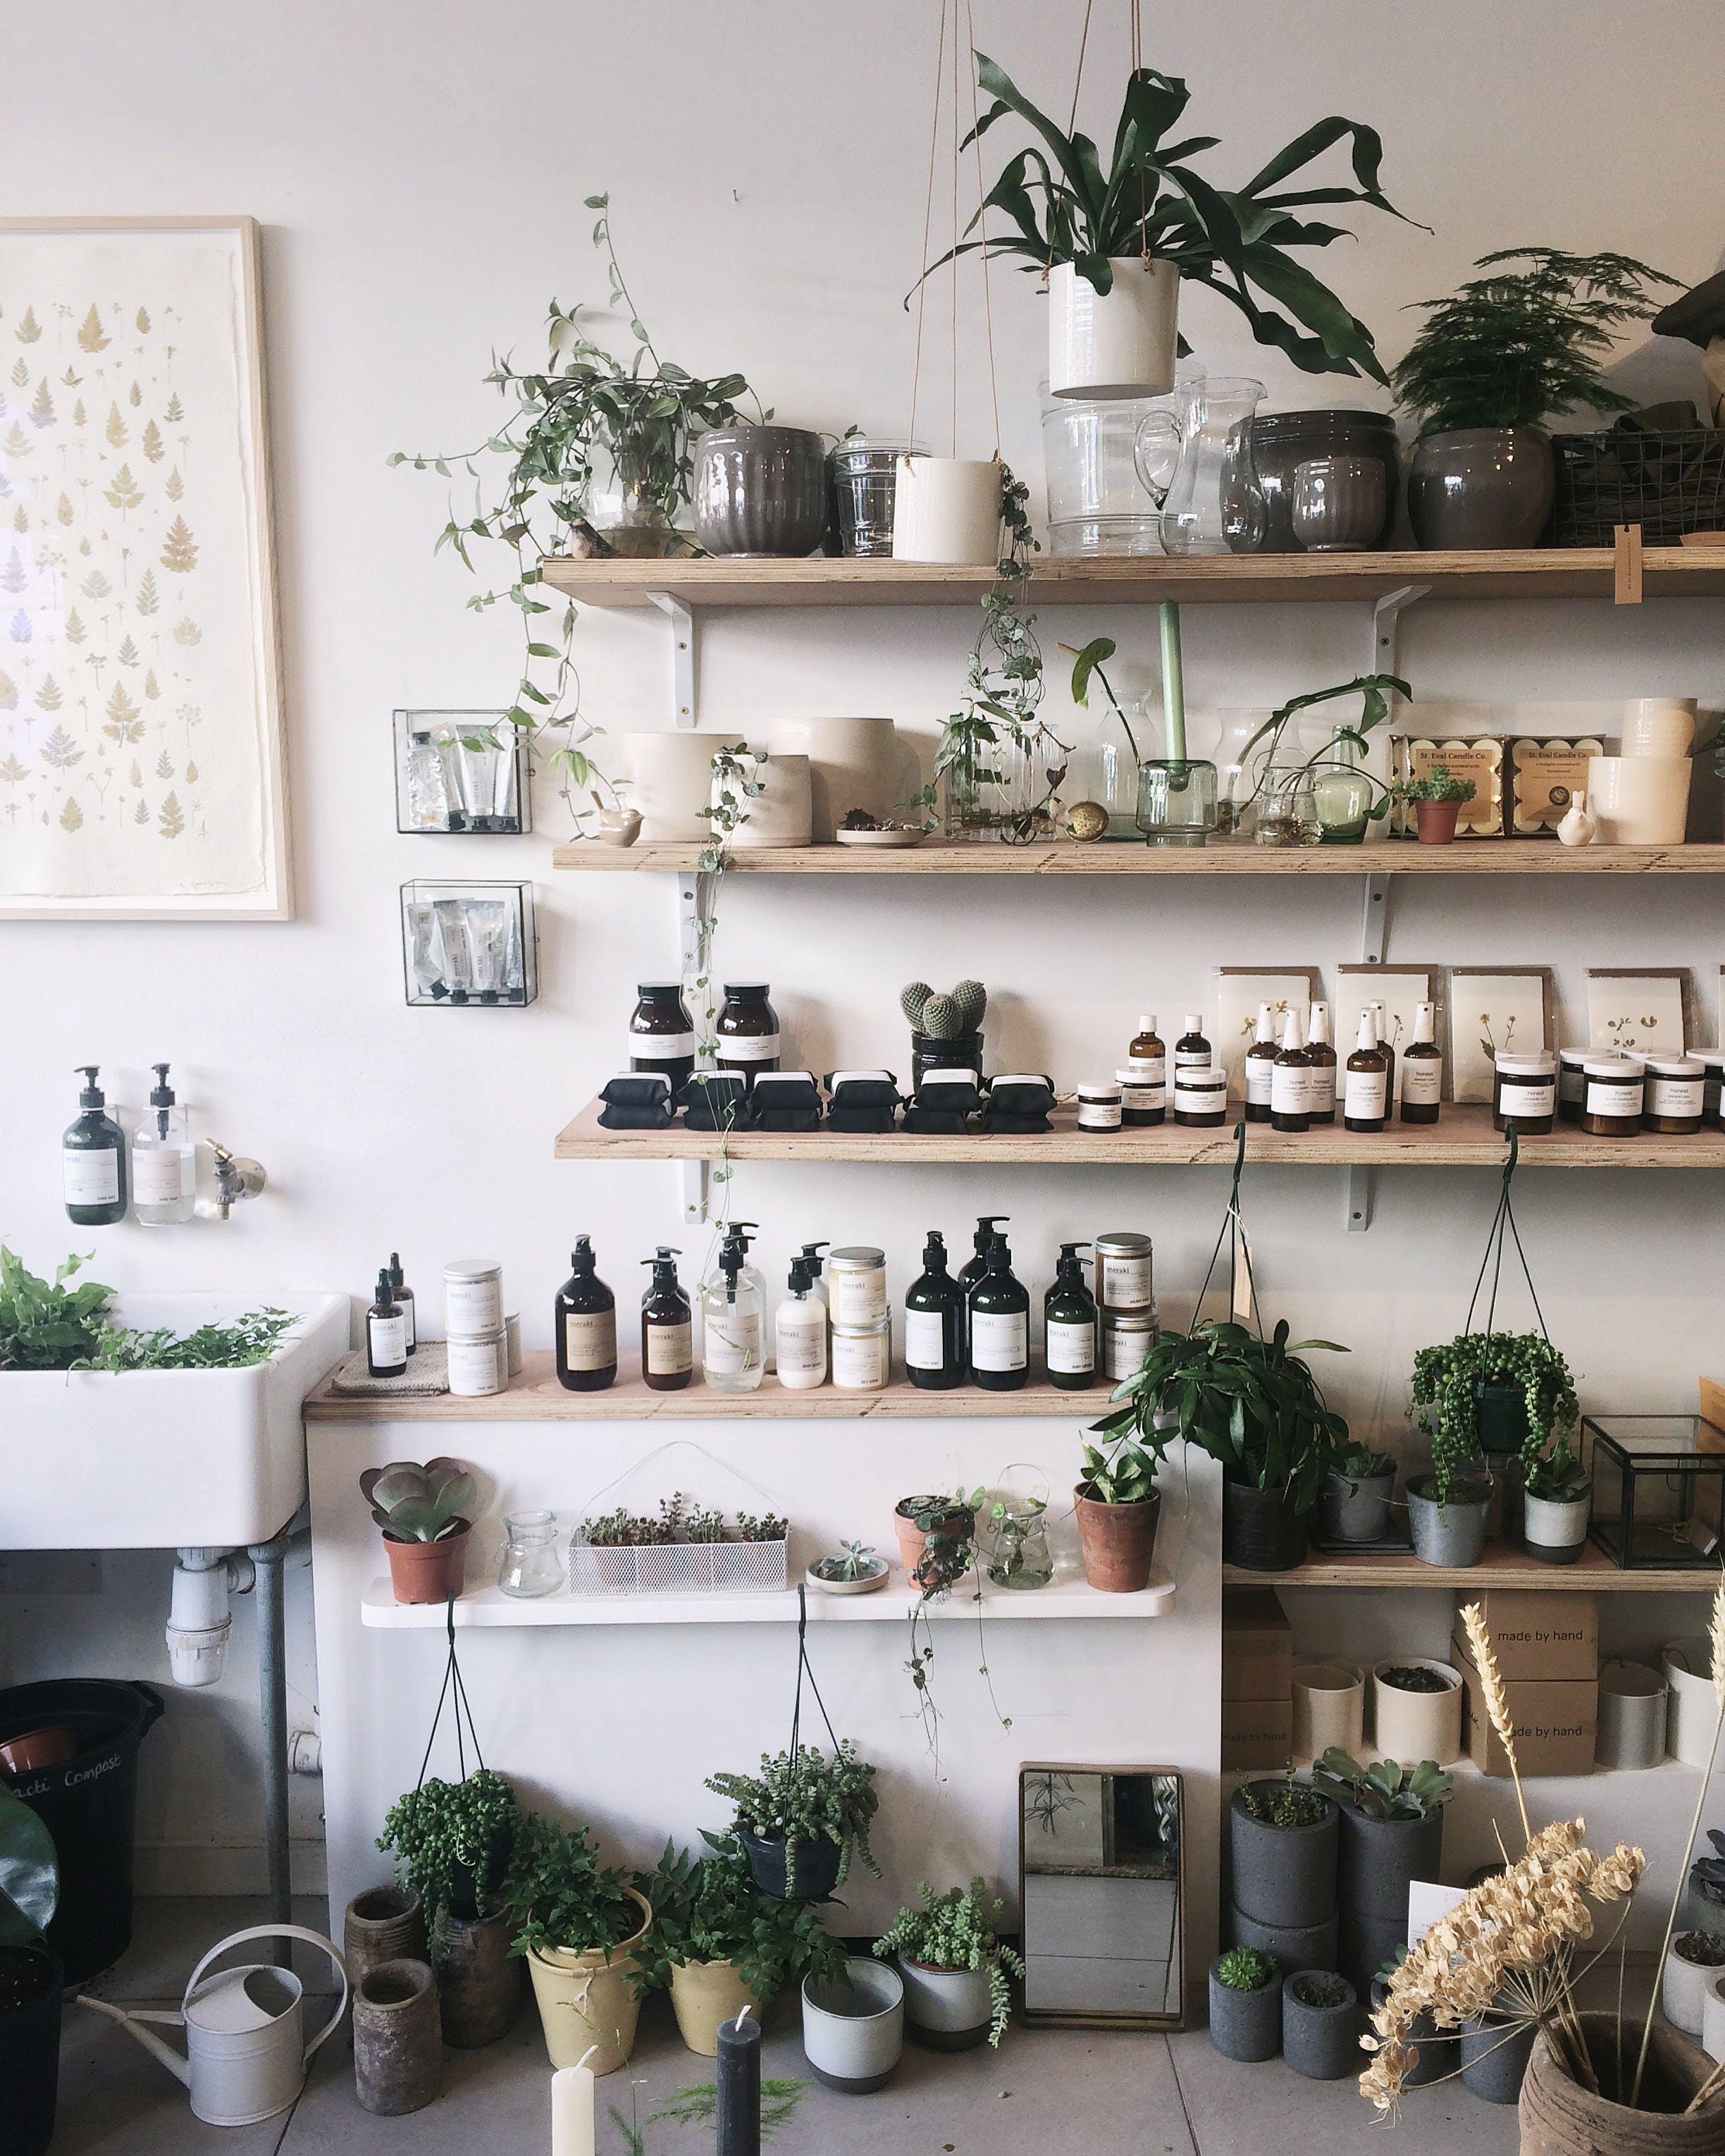 Pots on Beige Wooden Wall Shelf